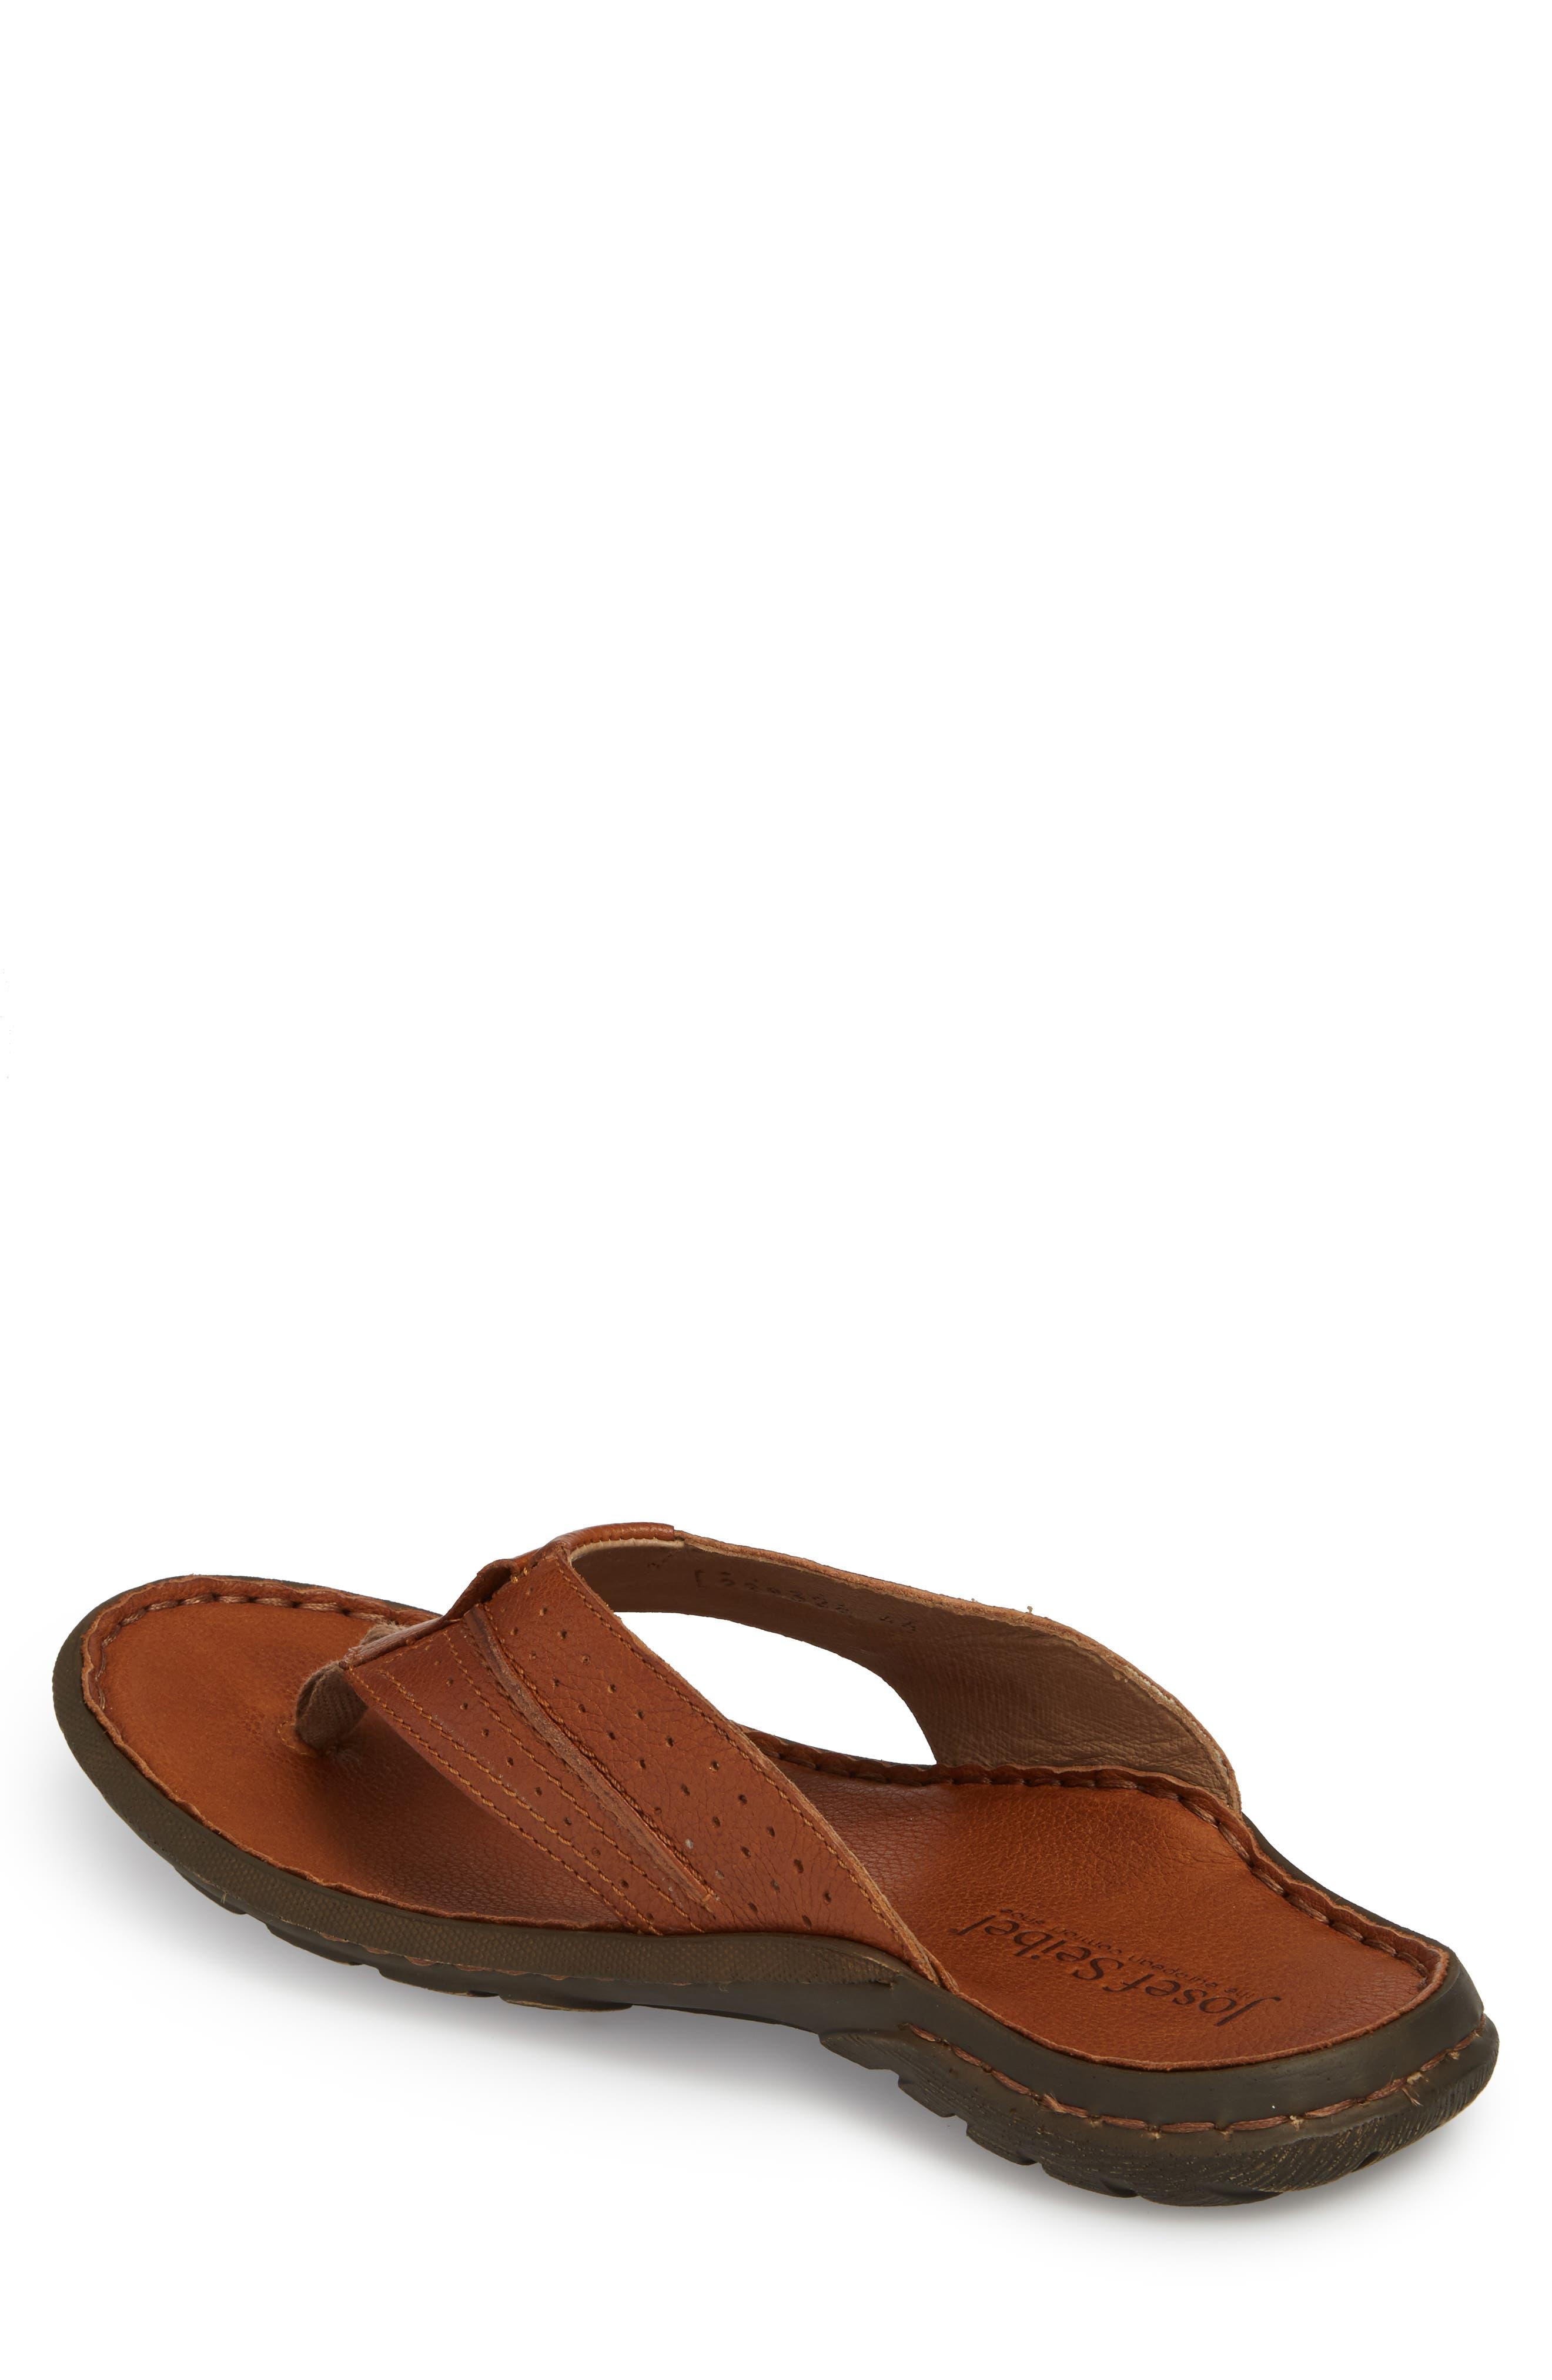 Logan Flip Flop,                             Alternate thumbnail 2, color,                             Brown Leather